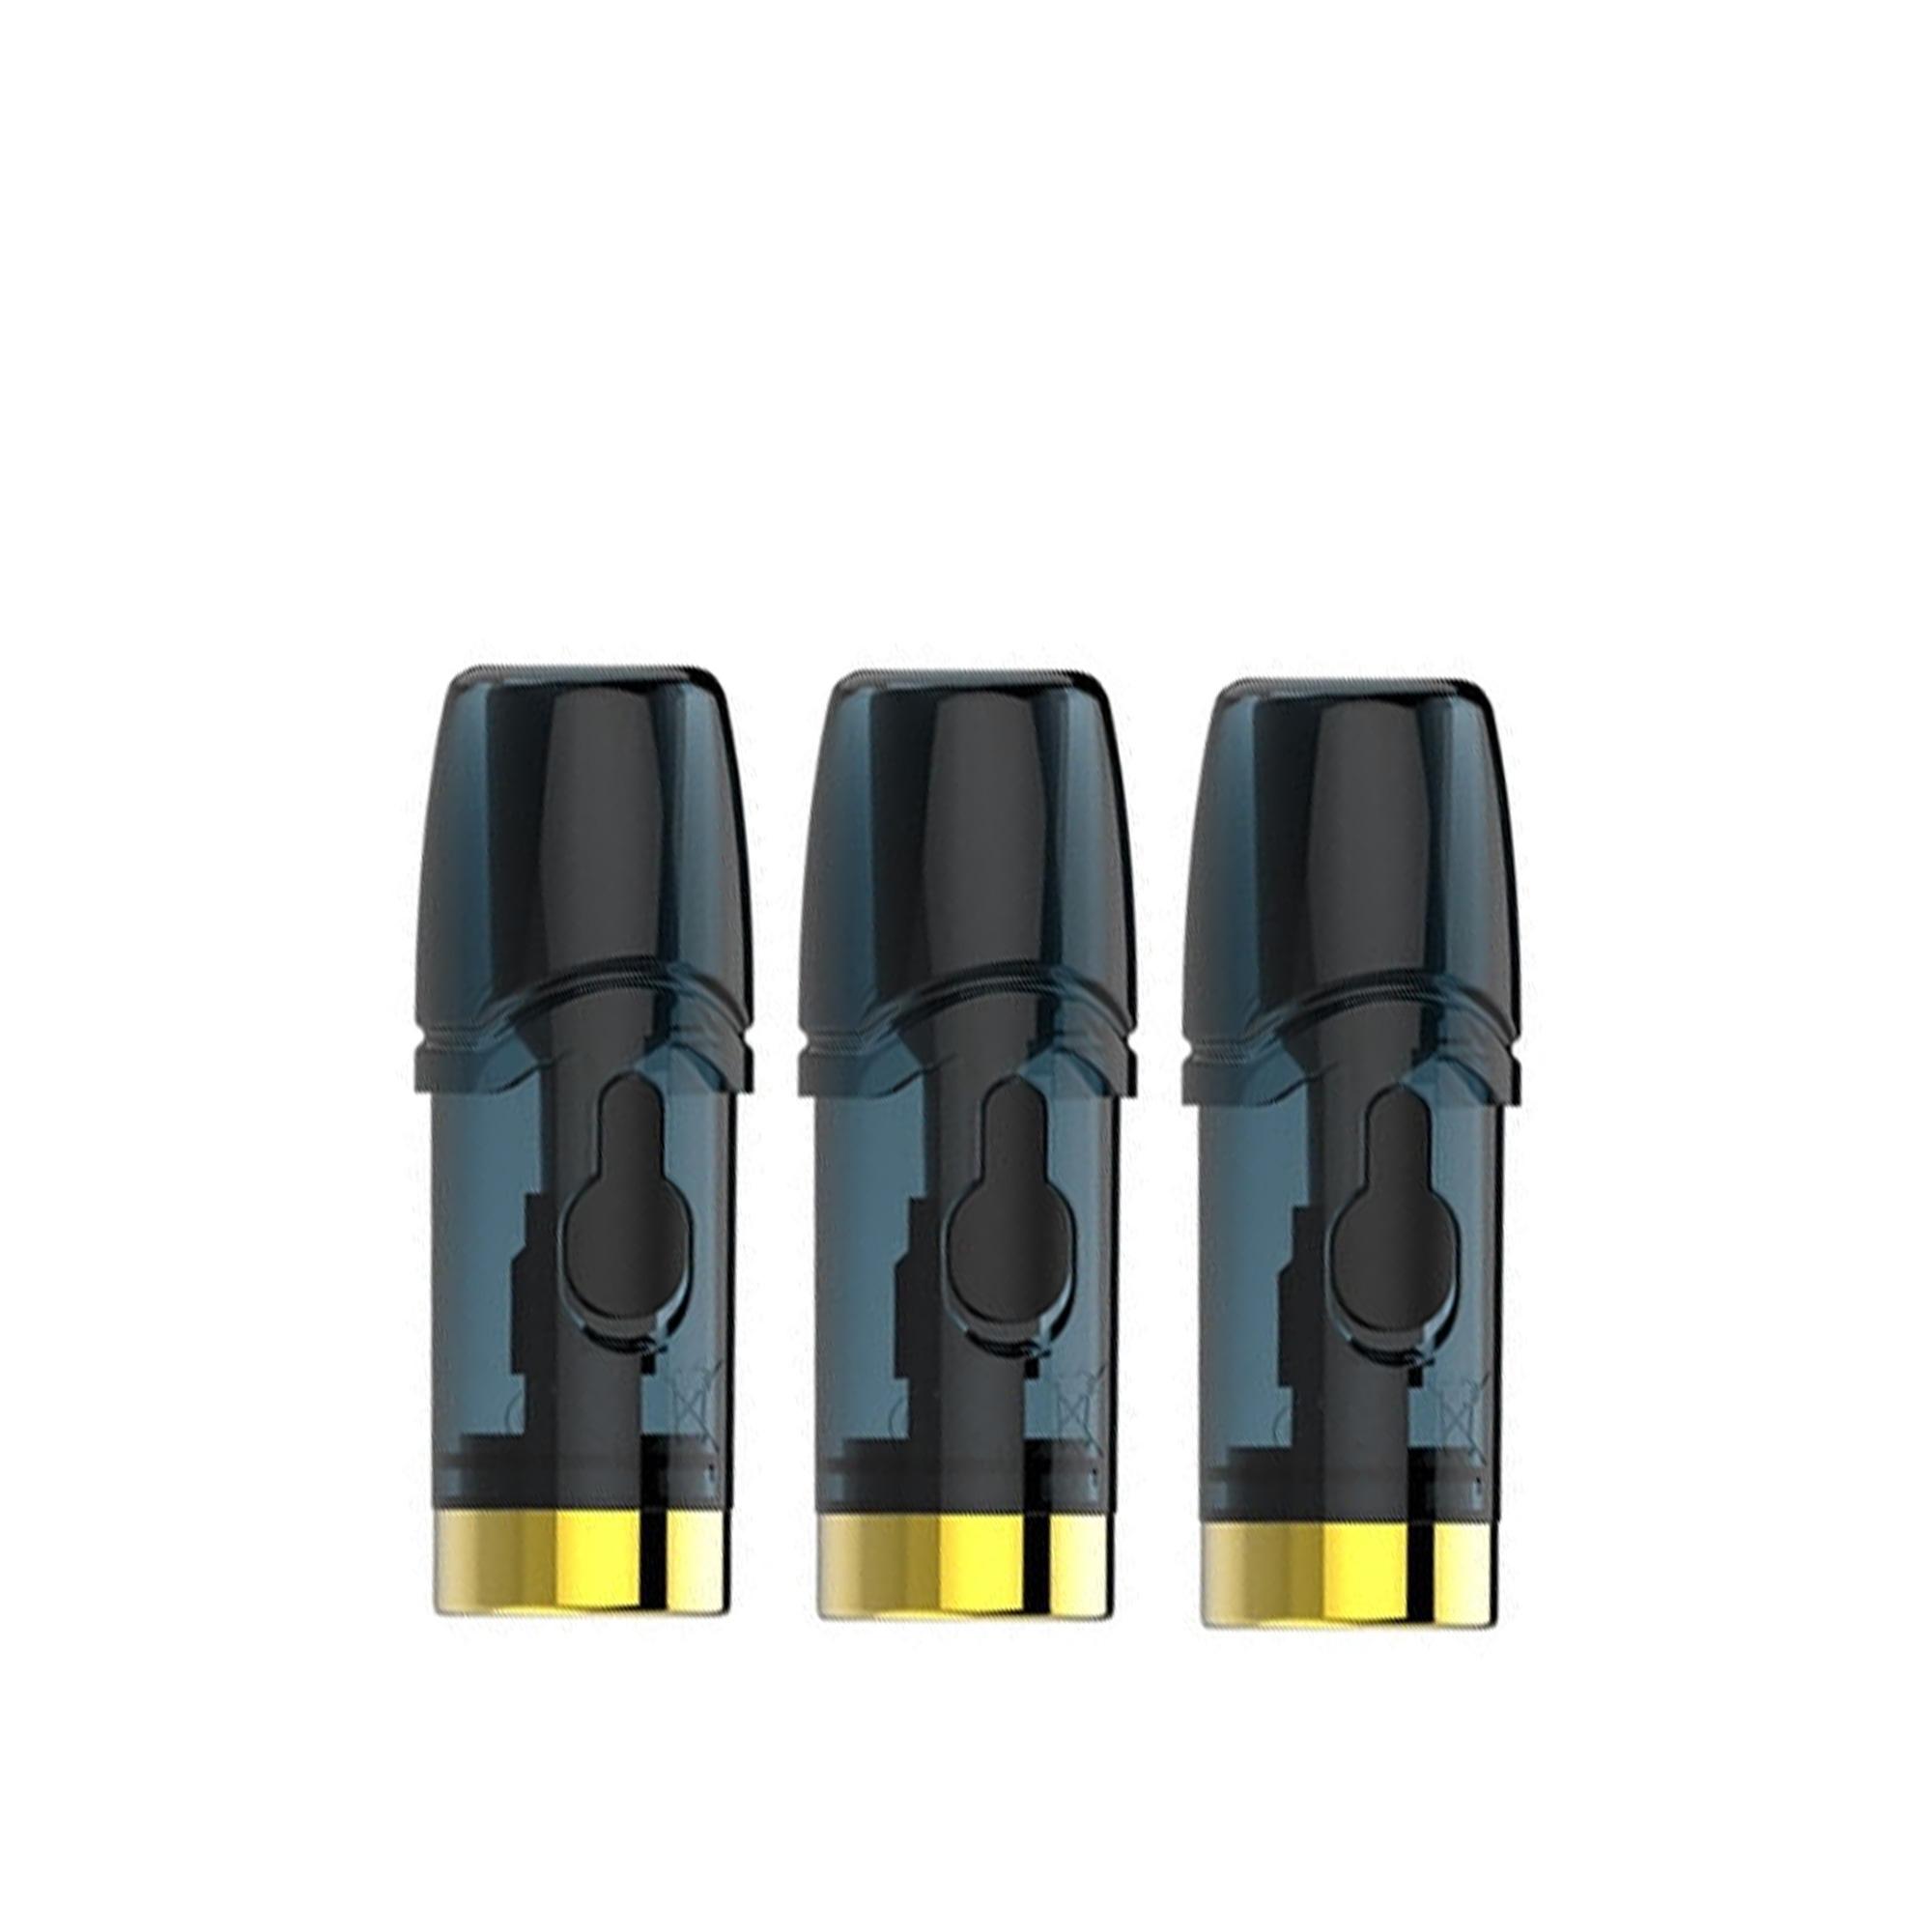 Quawins Vstick Pro Pod 2 ml 1.35 Ohm 3er Pack inklusive 3 Filter